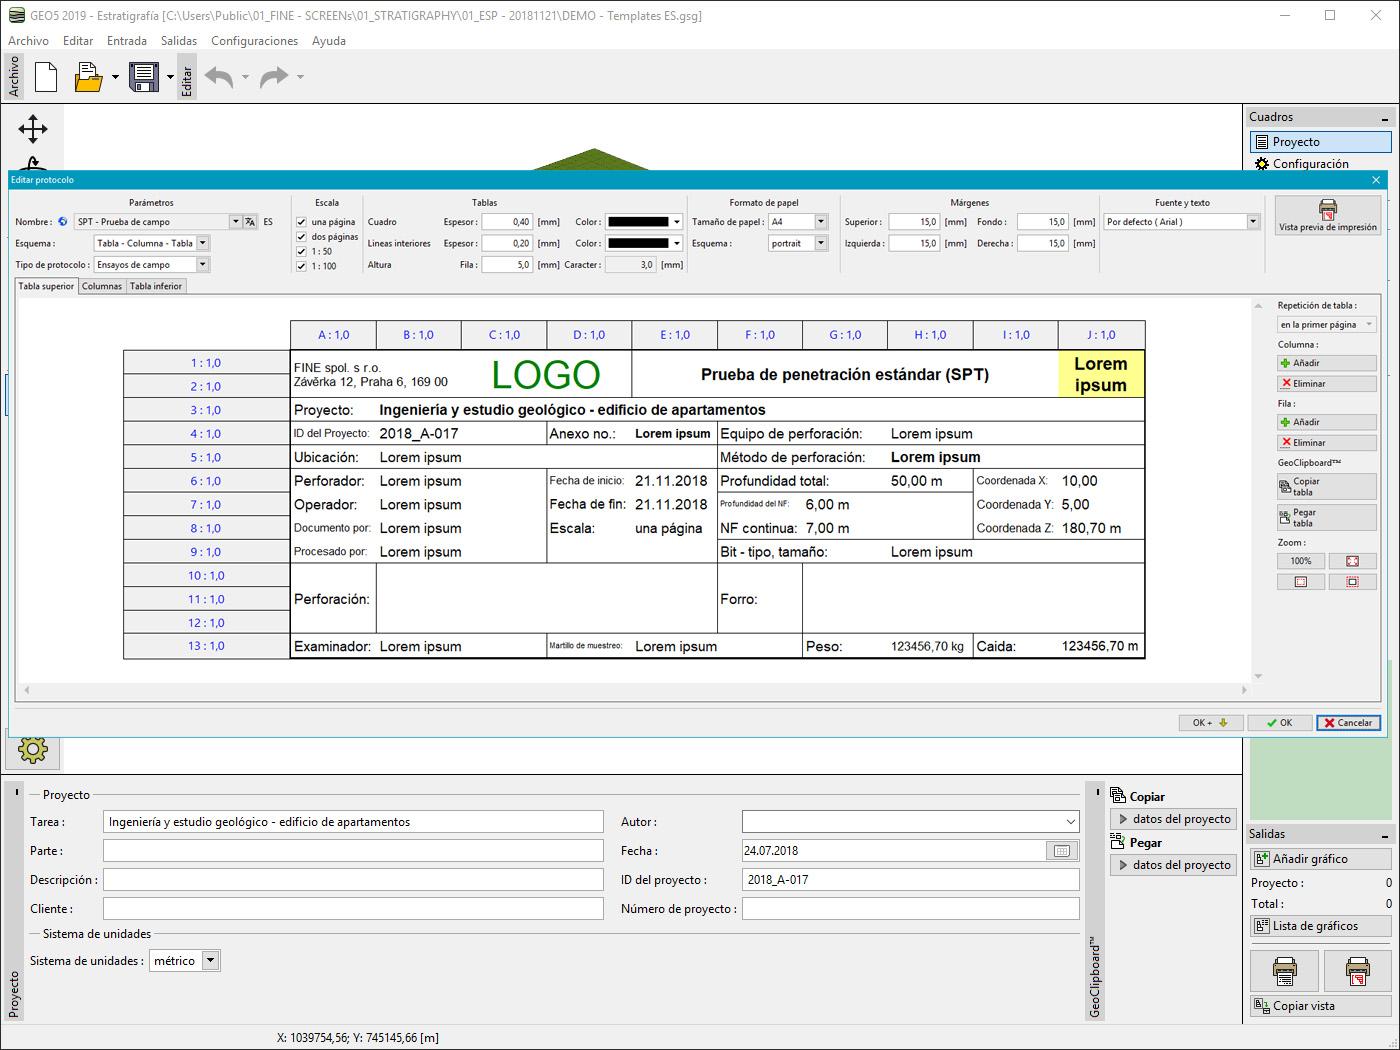 Estratigrafía – Registros : Personalización del encabezado del protocolo